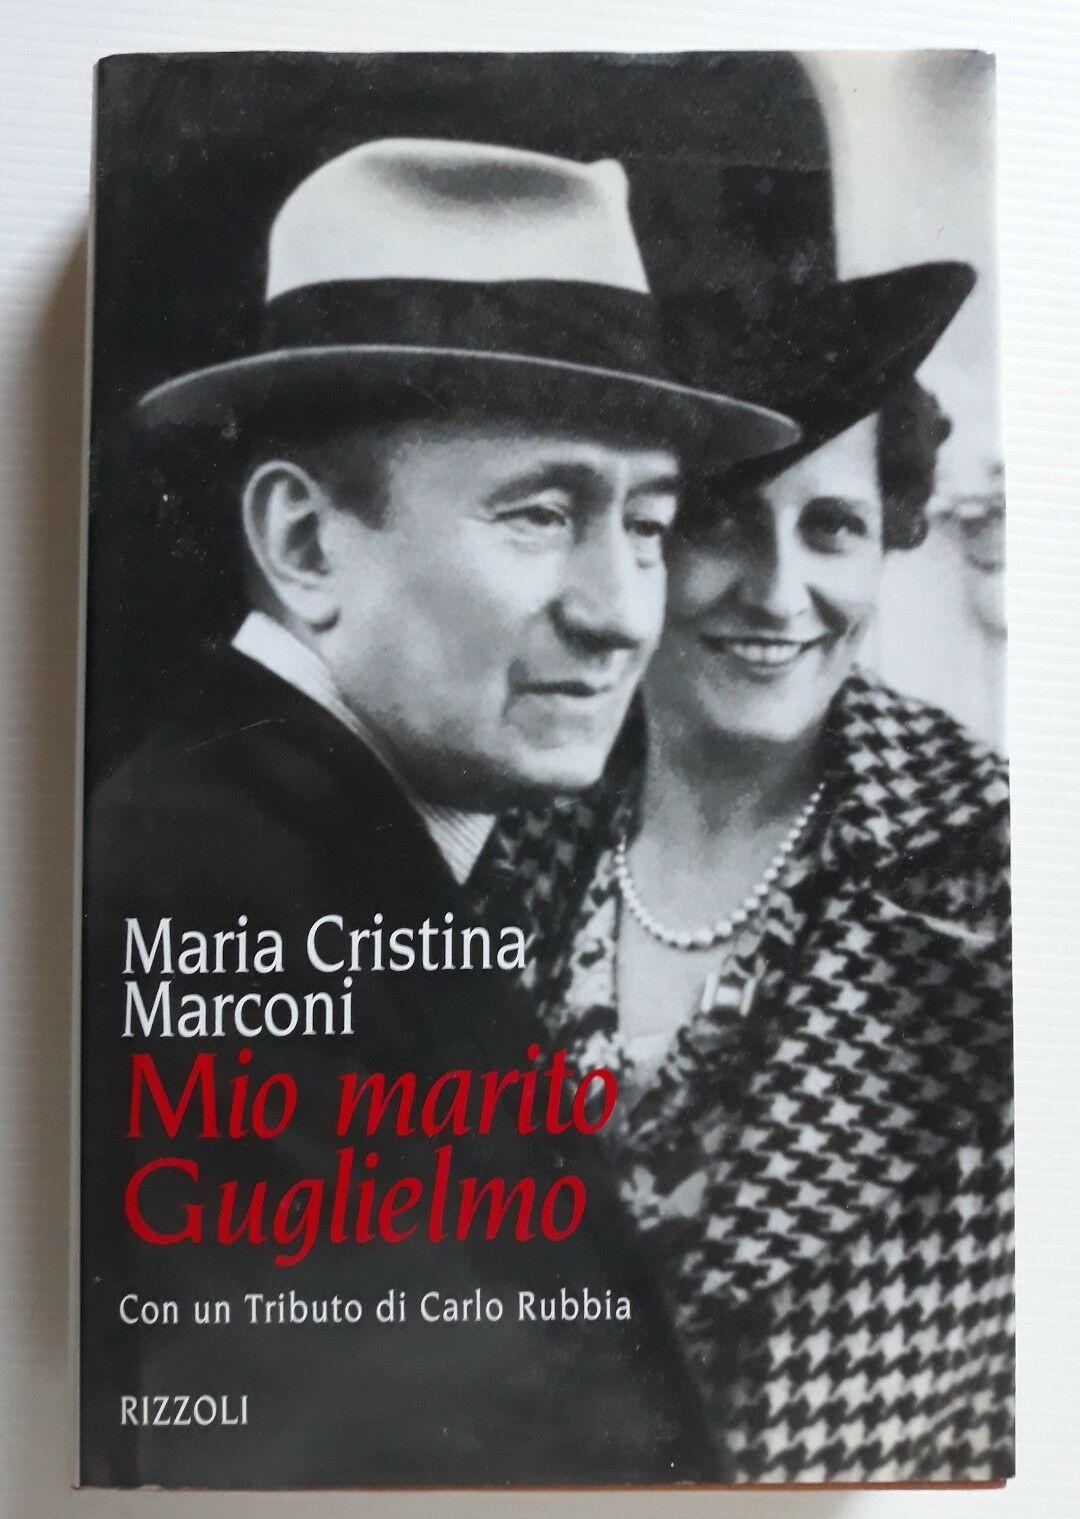 """Quando in bancarella presi """"Mio marito Guglielmo"""" di Maria Cristina Marconi"""